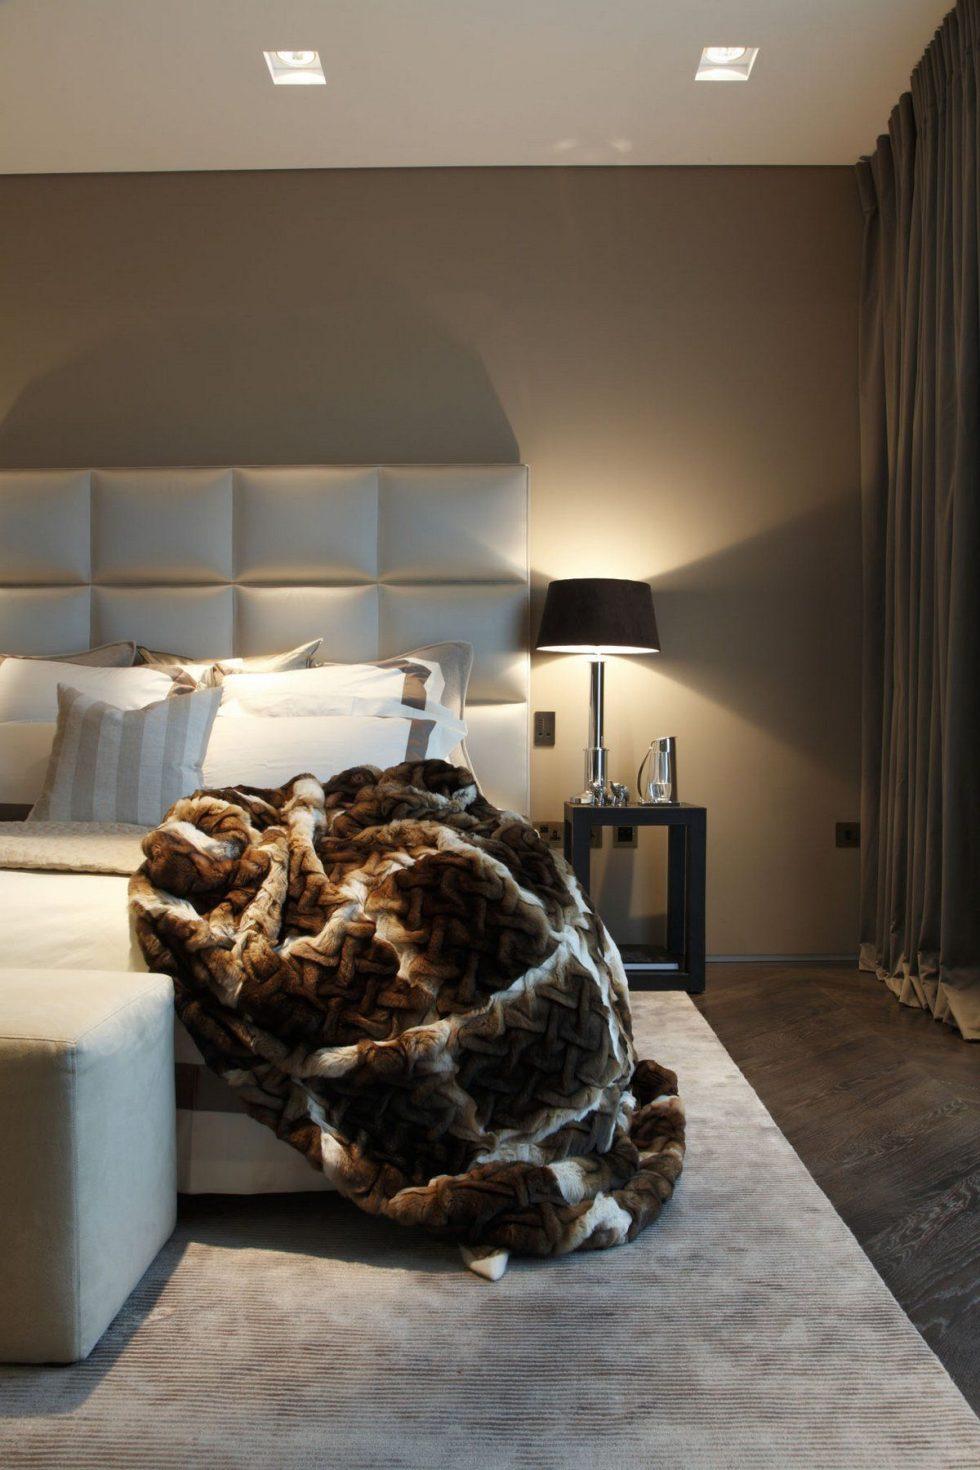 Kensington Place - Gorgeous fur blanket